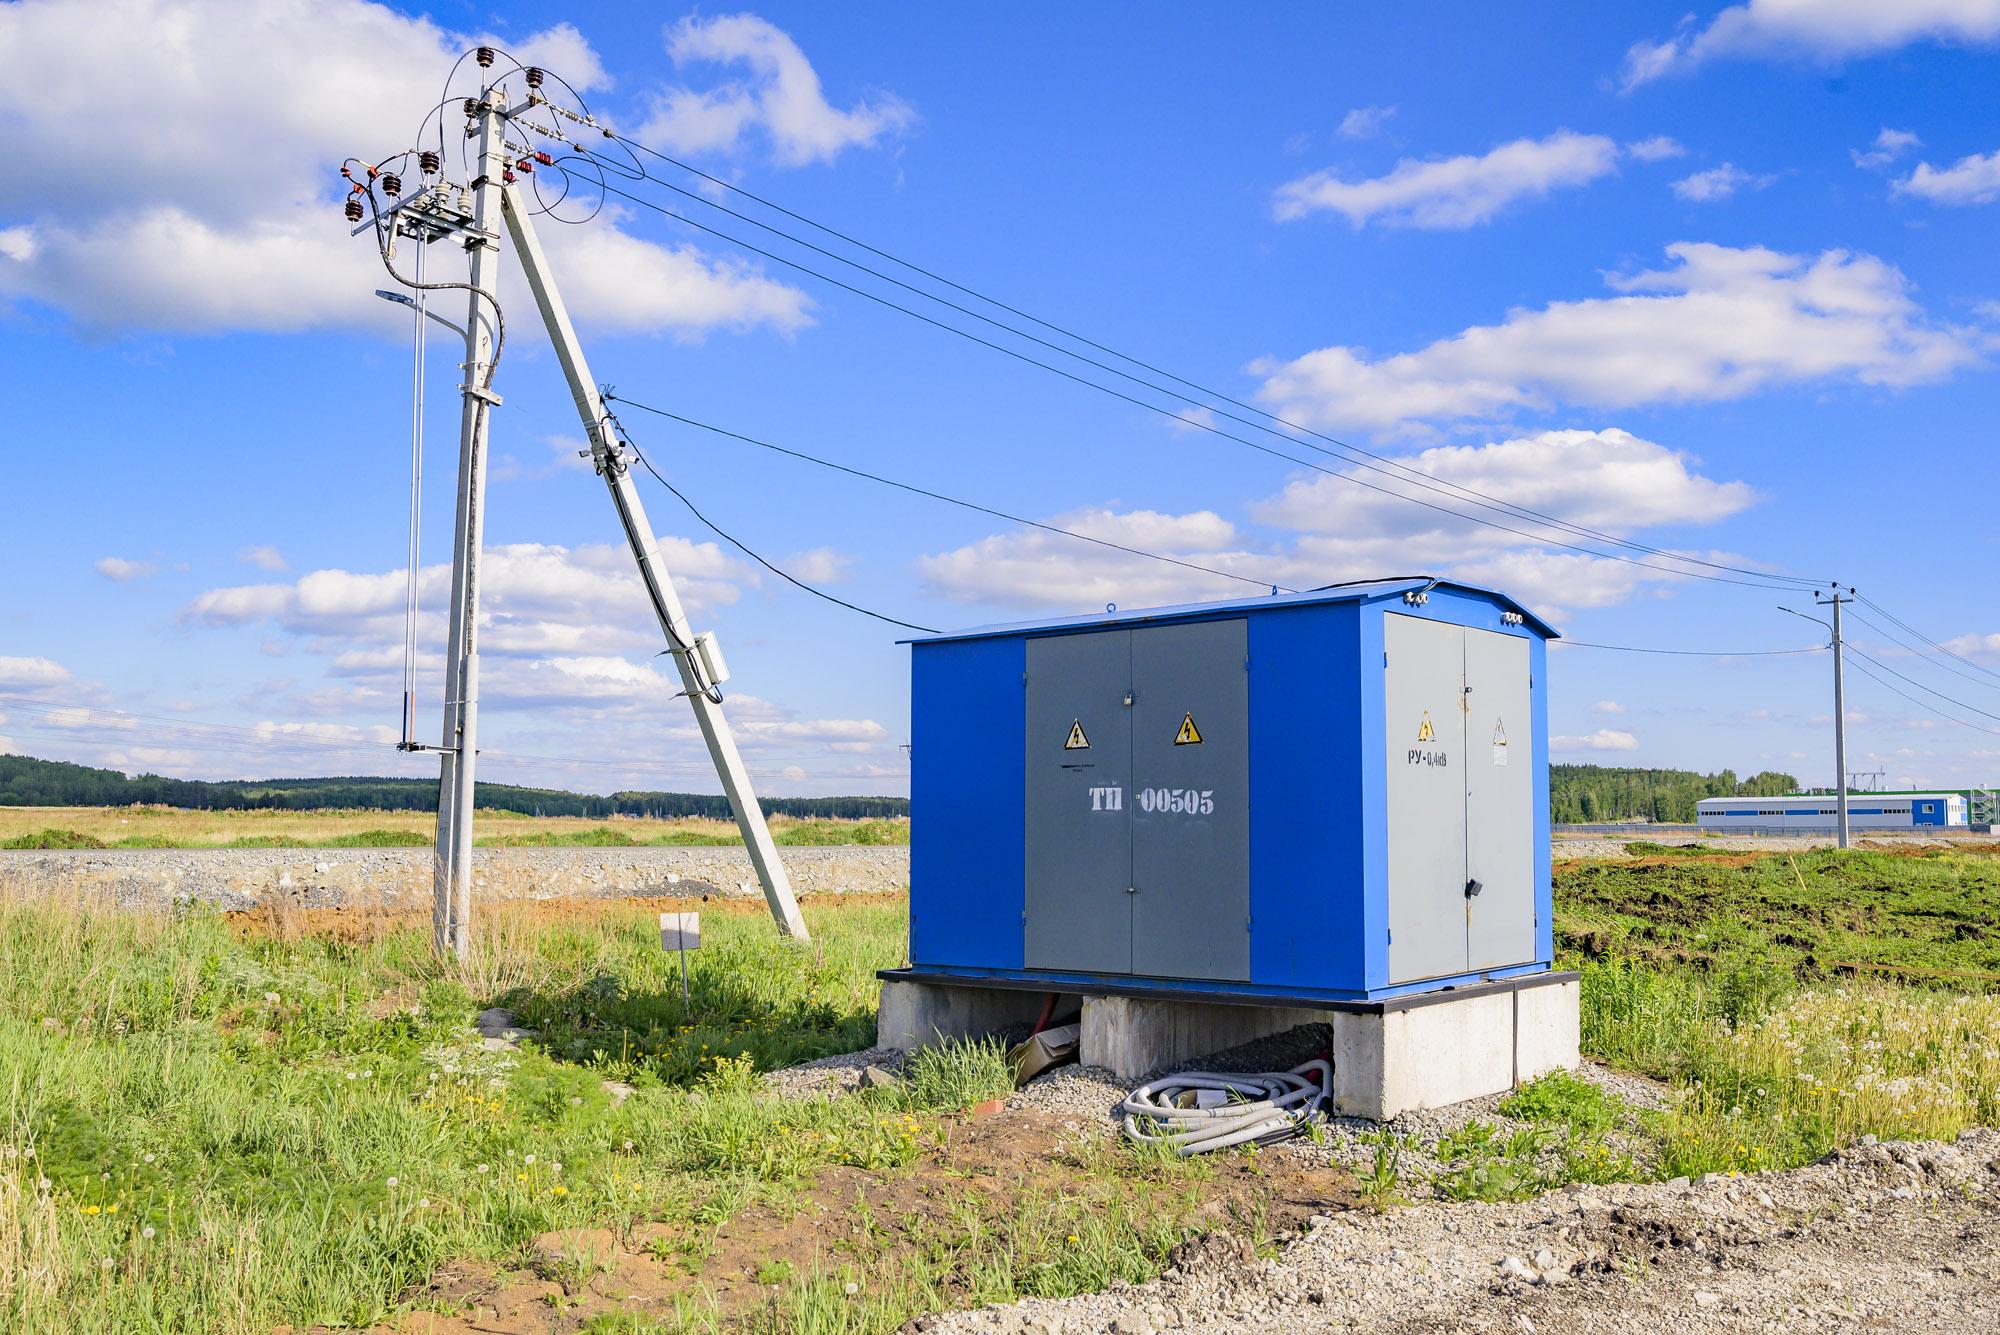 Управляющая компания предлагает резидентам подключение энергии по тарифам с низким, средним и высоким напряжением.